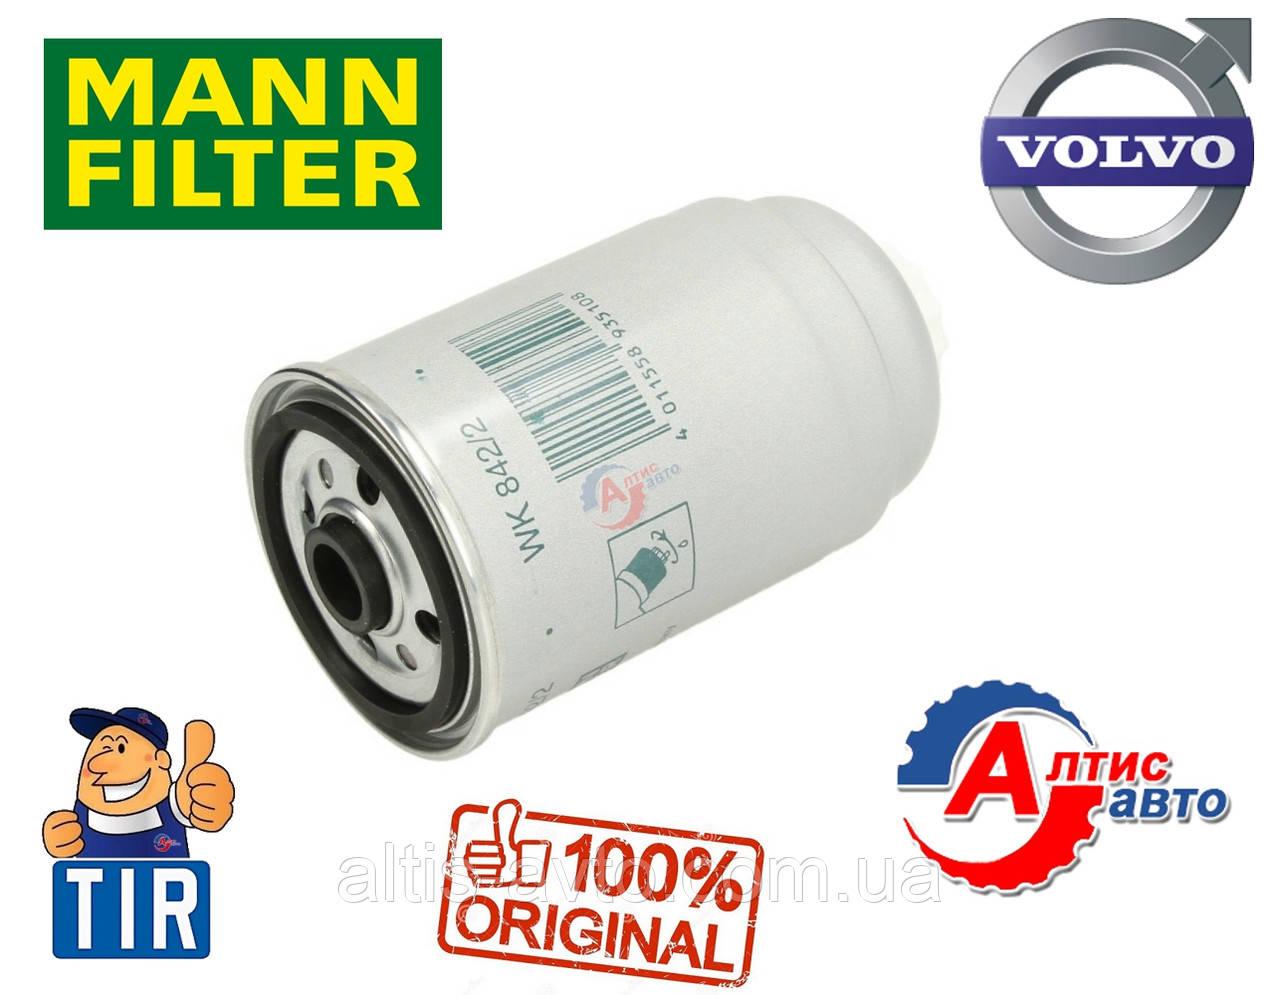 Фильтр топливный Volvo FLC, FL 6 7 очистка дизеля двигателя Mann Filter 829993